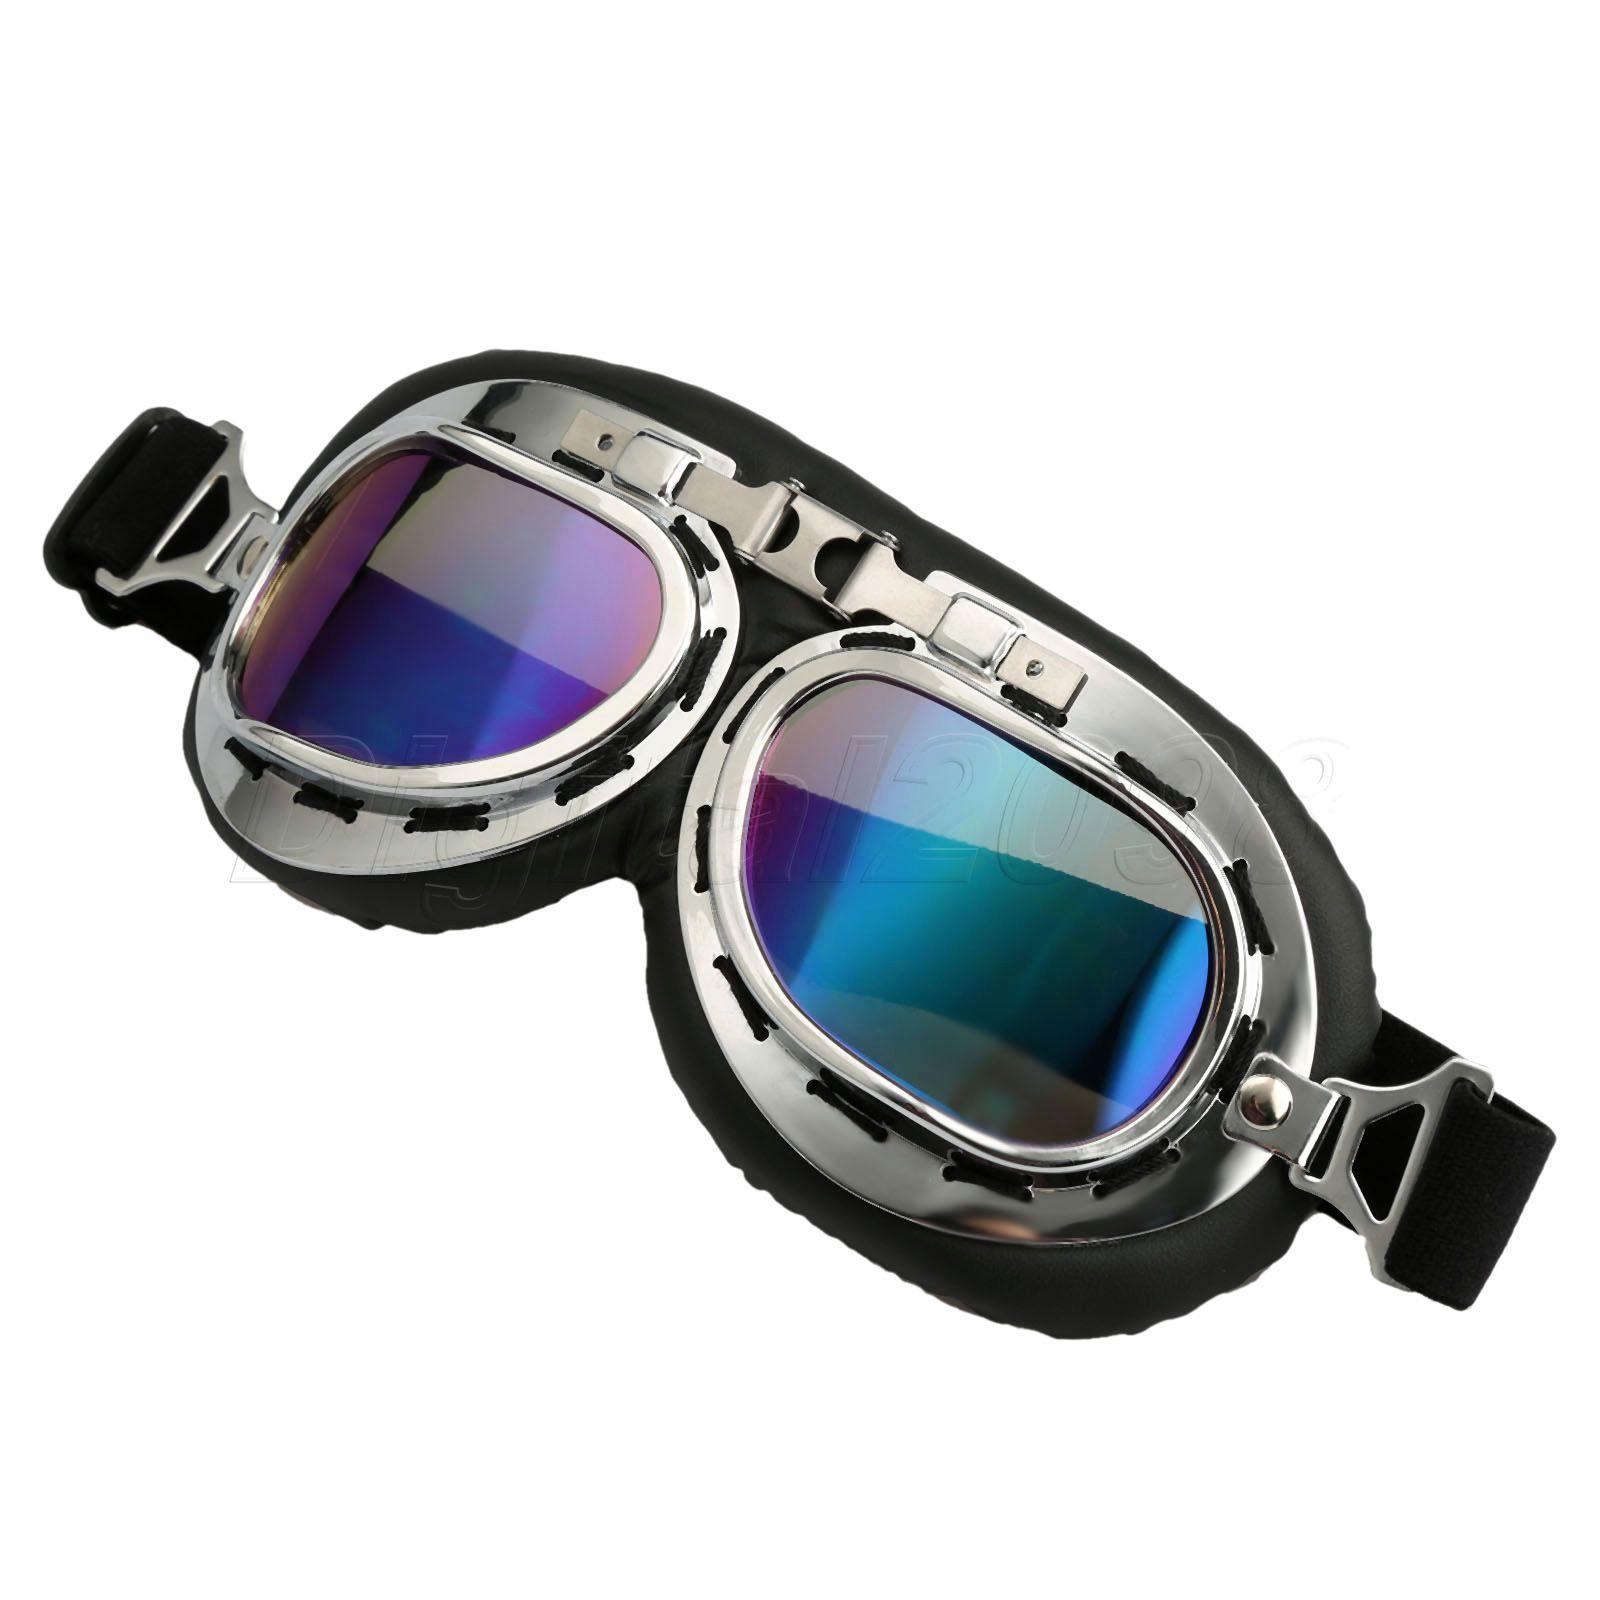 Yetaha lunettes de moto pilote Vintage WWII RAF aviateur lunettes de Motocross ATV Dirt Biker Cruiser lentille fumée